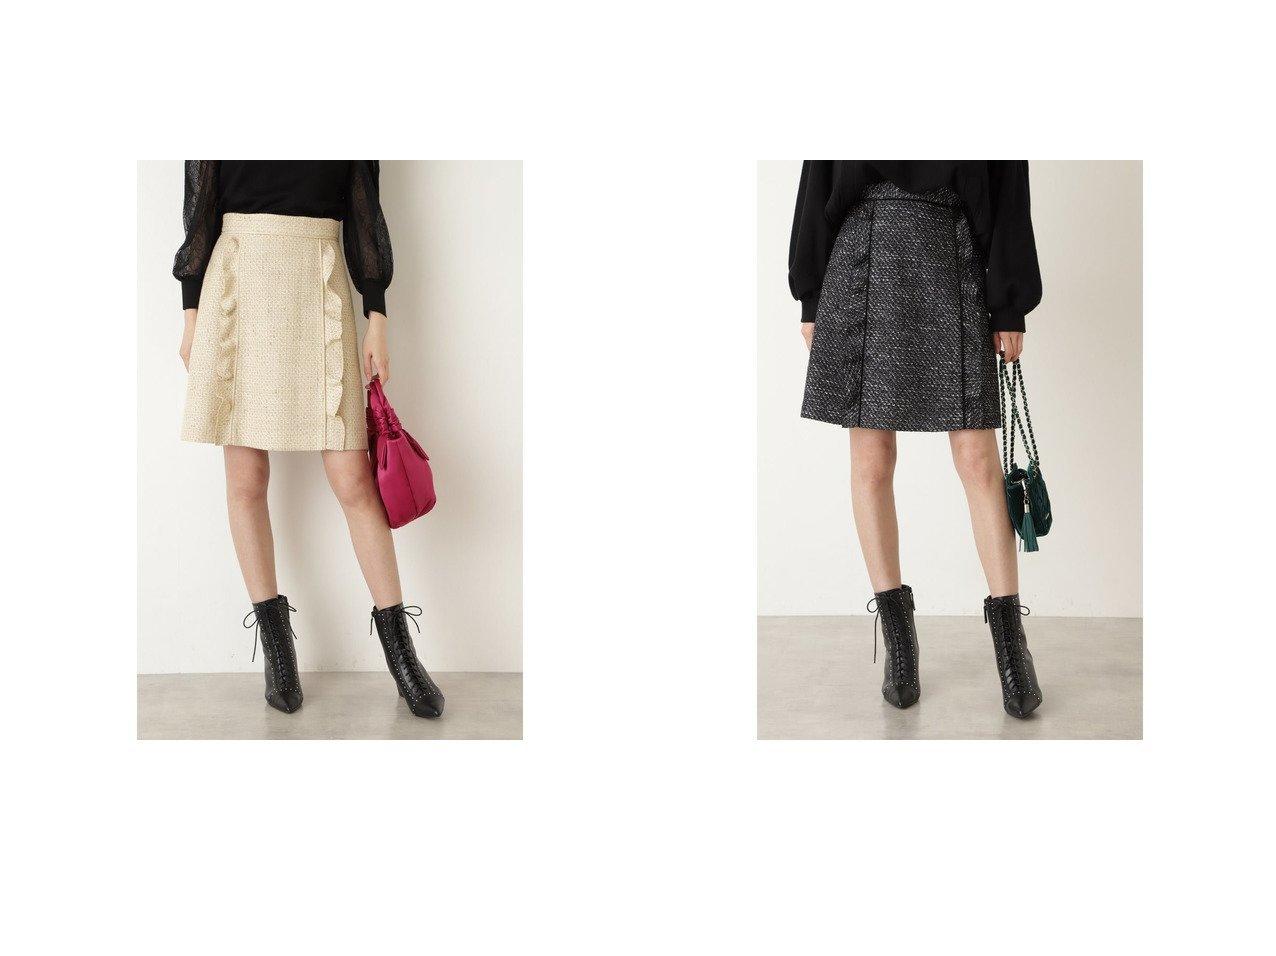 【JILL STUART/ジルスチュアート】のフィルツイードミニスカート 【スカート】おすすめ!人気、トレンド・レディースファッションの通販 おすすめで人気の流行・トレンド、ファッションの通販商品 インテリア・家具・メンズファッション・キッズファッション・レディースファッション・服の通販 founy(ファニー) https://founy.com/ ファッション Fashion レディースファッション WOMEN スカート Skirt ミニスカート Mini Skirts 2021年 2021 2021-2022秋冬・A/W AW・Autumn/Winter・FW・Fall-Winter・2021-2022 A/W・秋冬 AW・Autumn/Winter・FW・Fall-Winter シンプル ツイード バランス フェミニン |ID:crp329100000070684